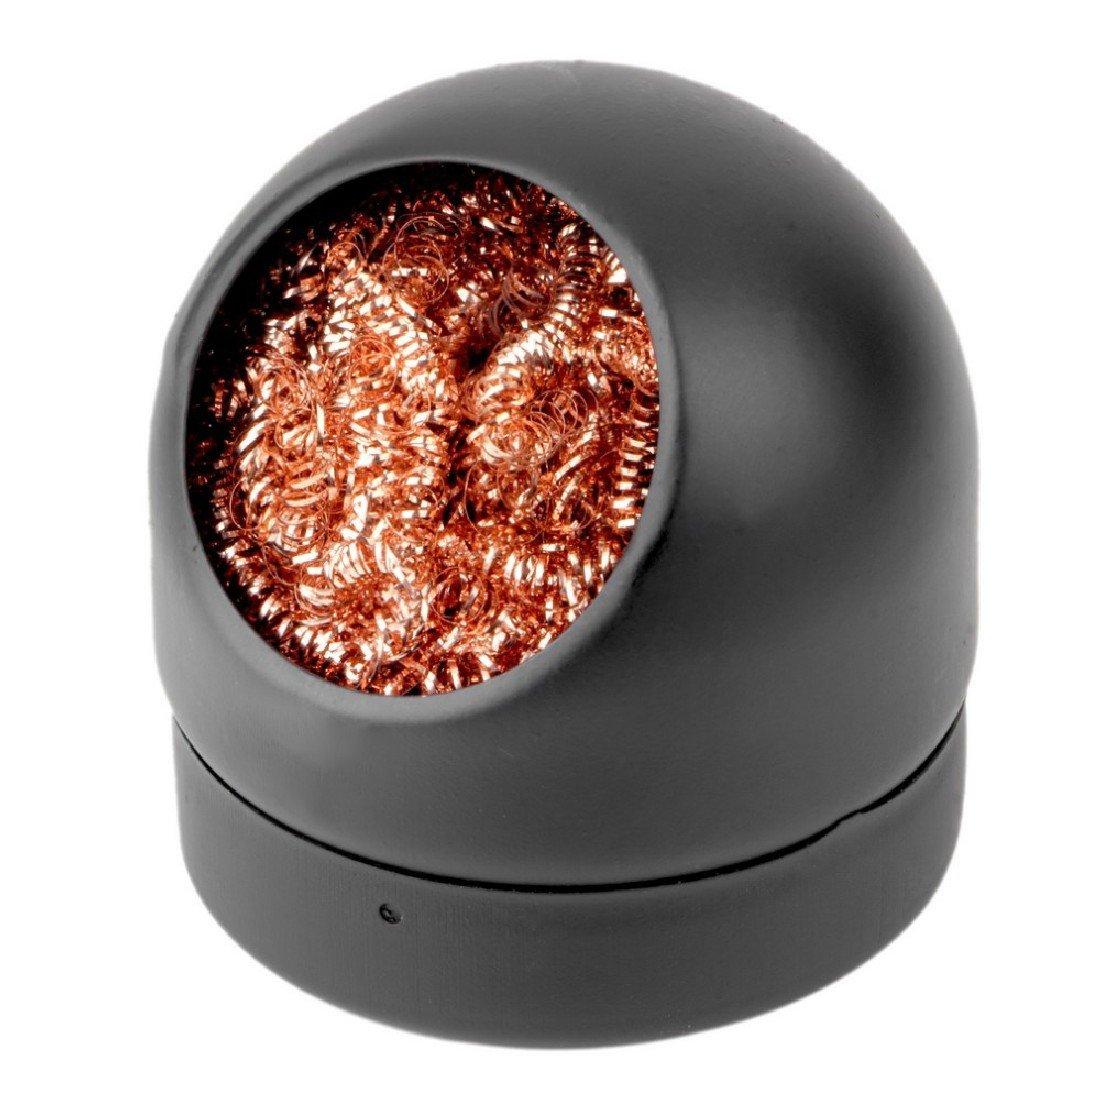 L/ötkolbenspitze Reiniger Ball Halter mit Stahldraht Schwamm Schwei/ßen L/öten Zubeh/ör